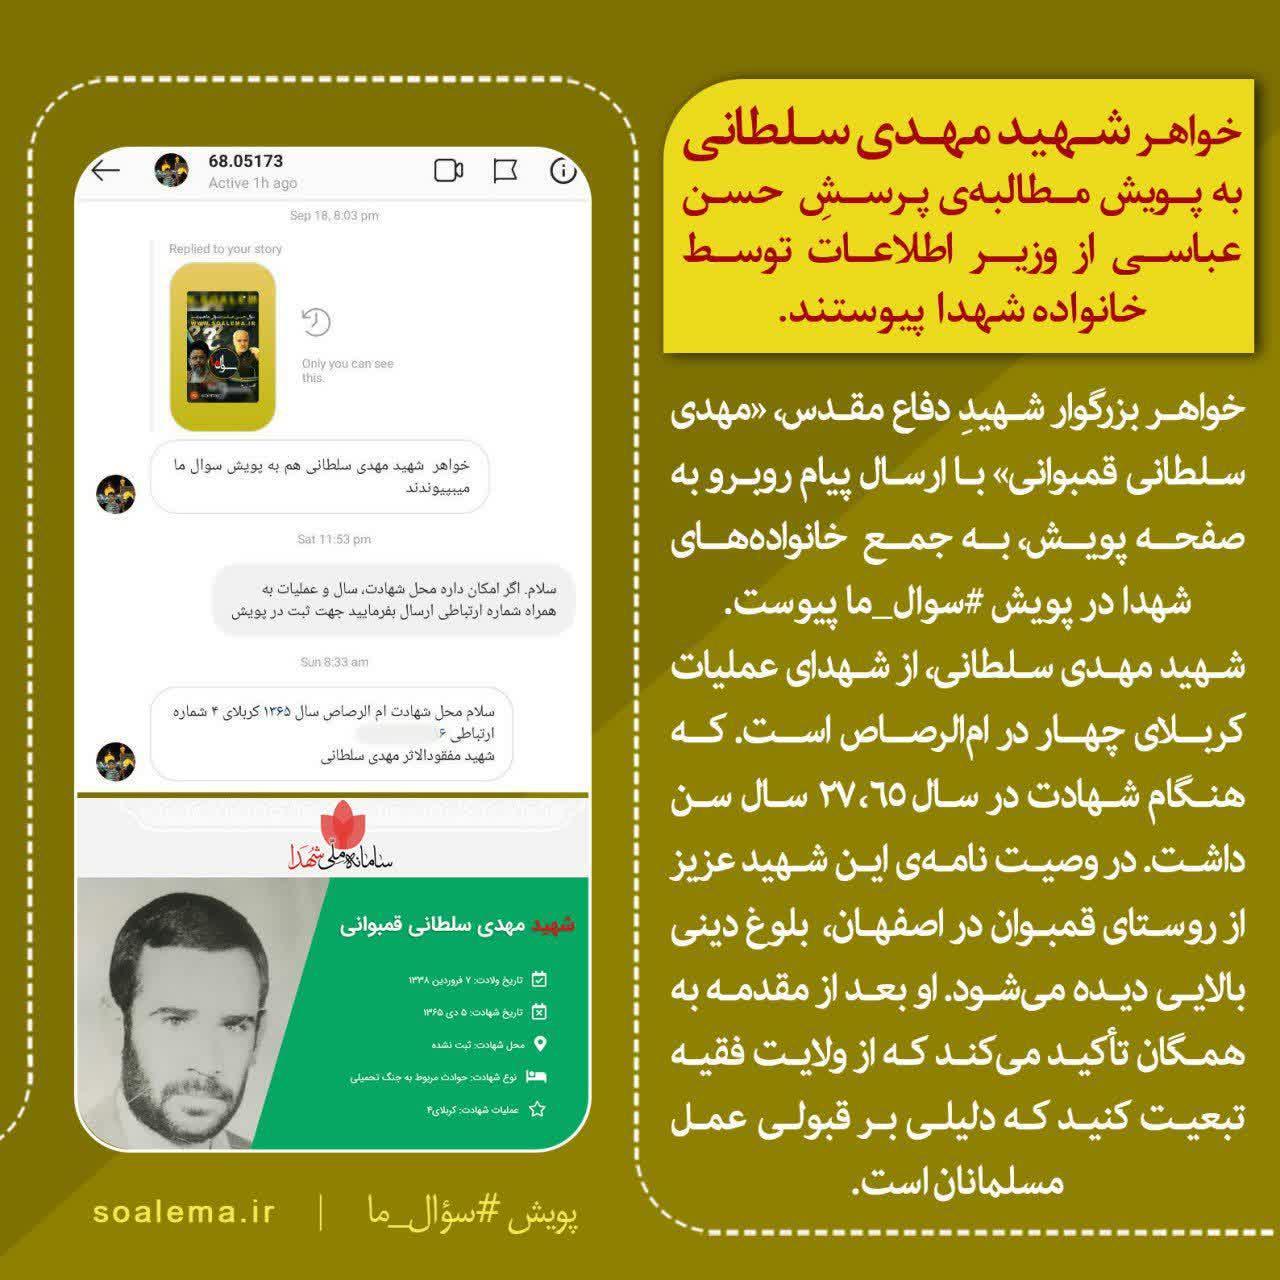 http://dl-abbasi.ir/yekta/1398/Graphic/Shohada/Shakhes22.jpg